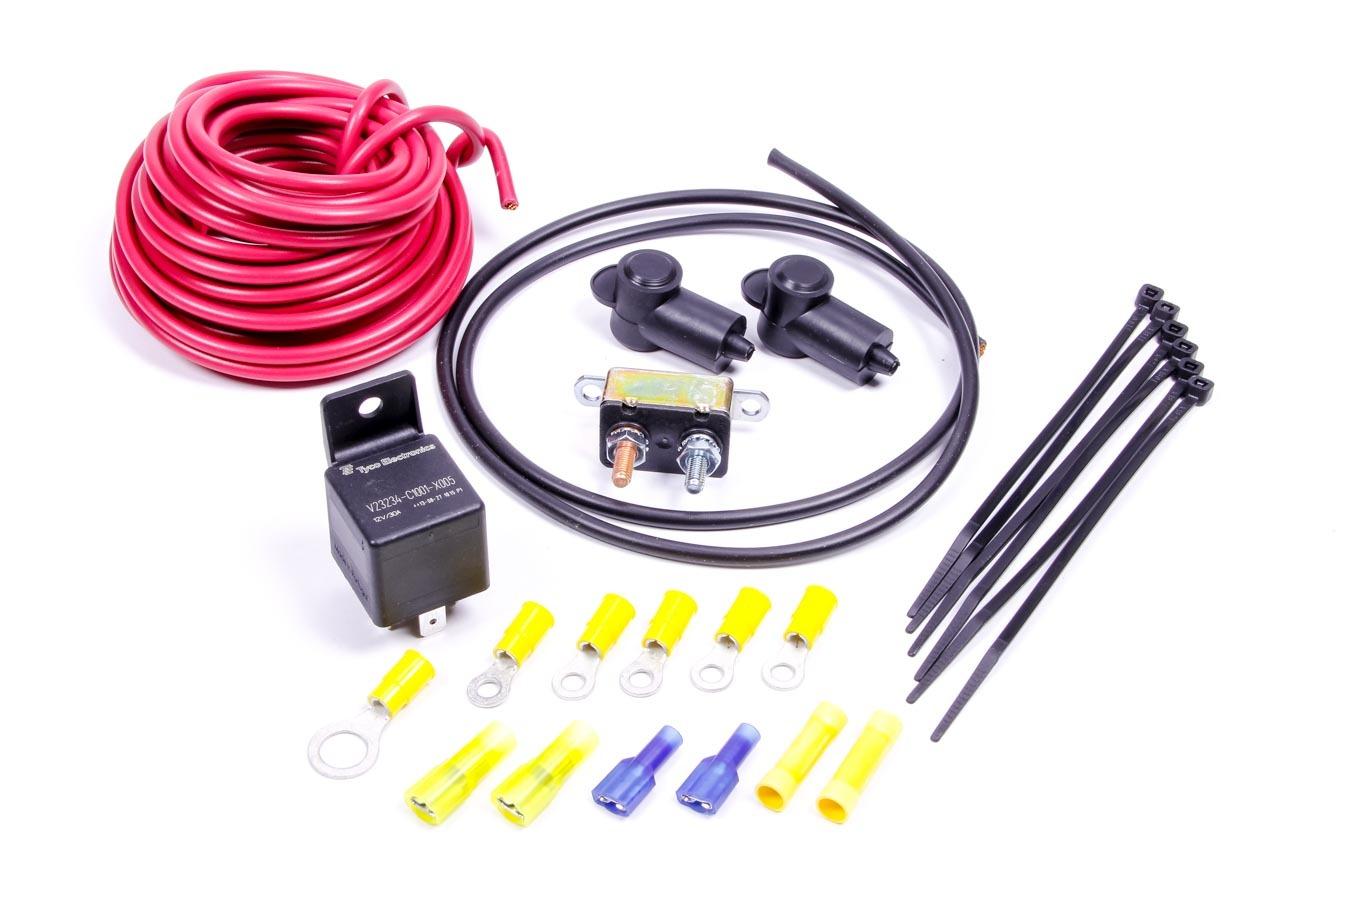 Aeromotive 30 Amp Fuel Pump Wiring Kit